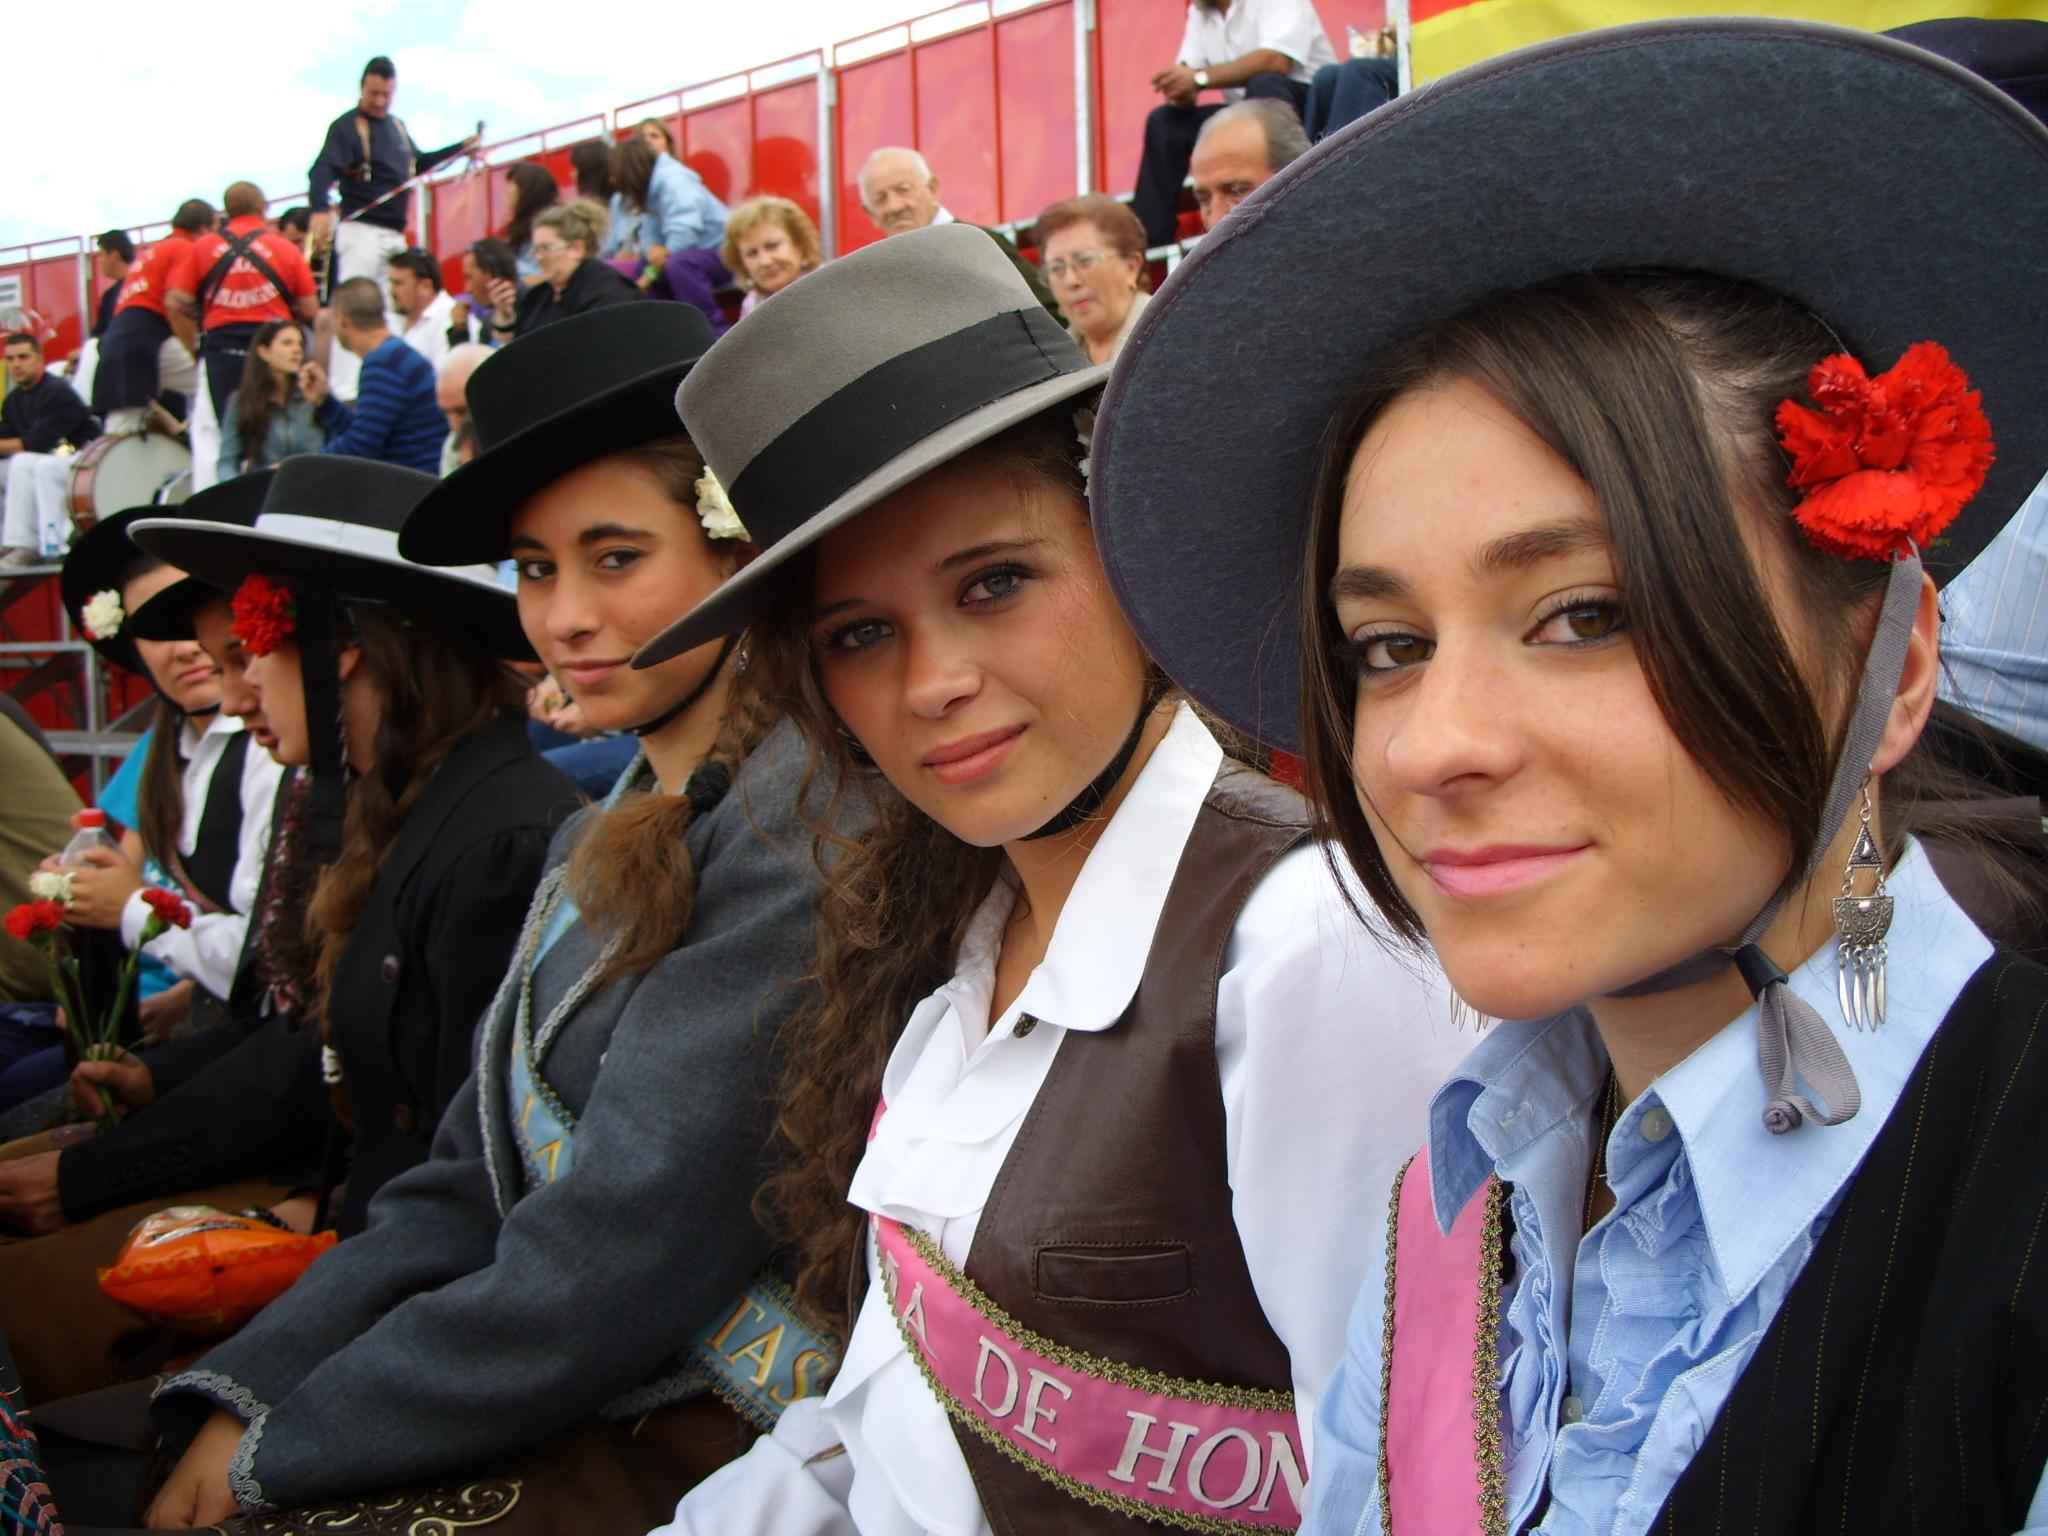 Fiestas de Astudillo 2011 42